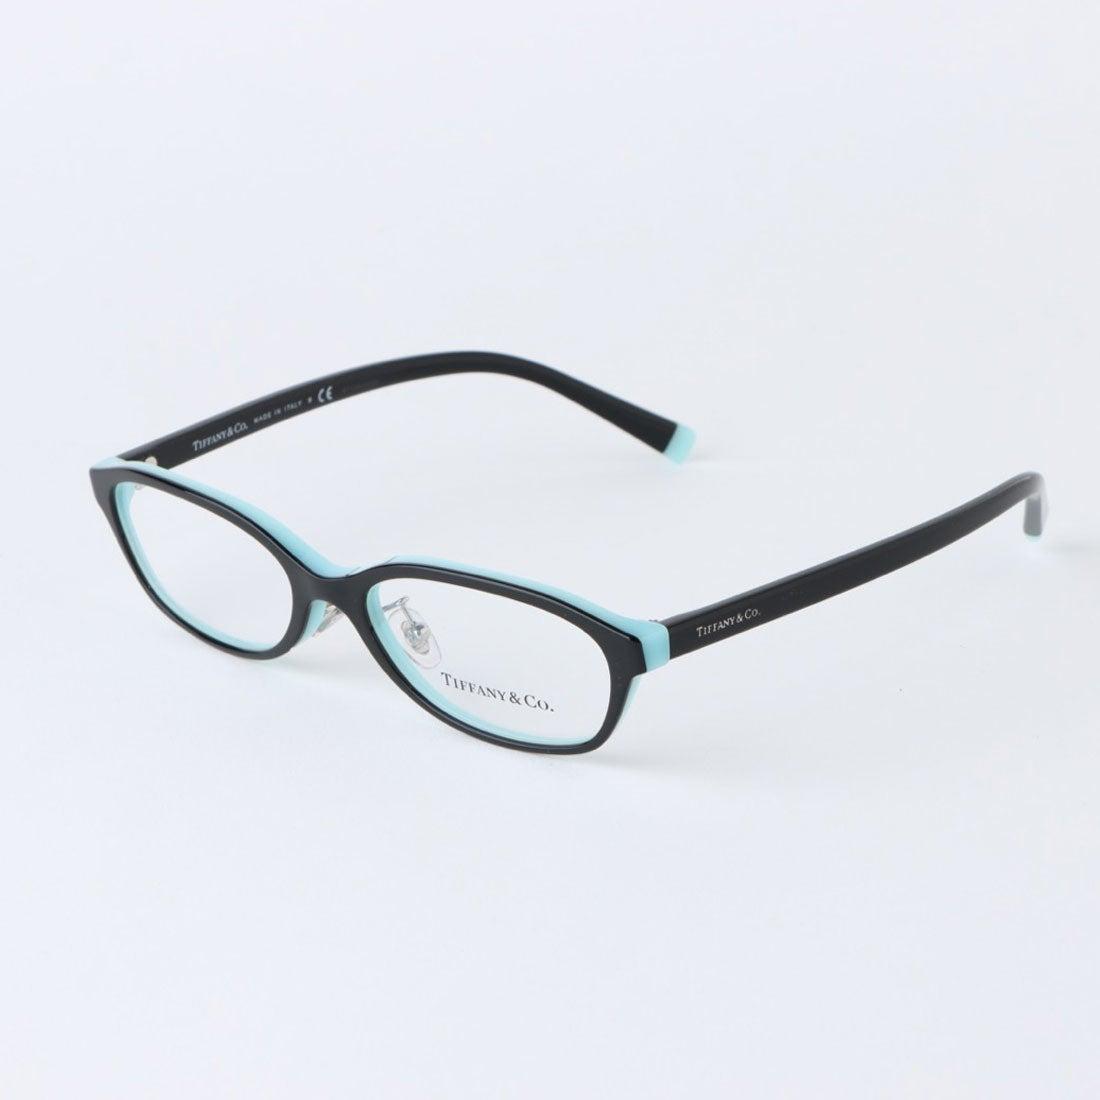 ティファニー TIFFANY メガネ 眼鏡 アイウェア レディース メンズ (ブラック)